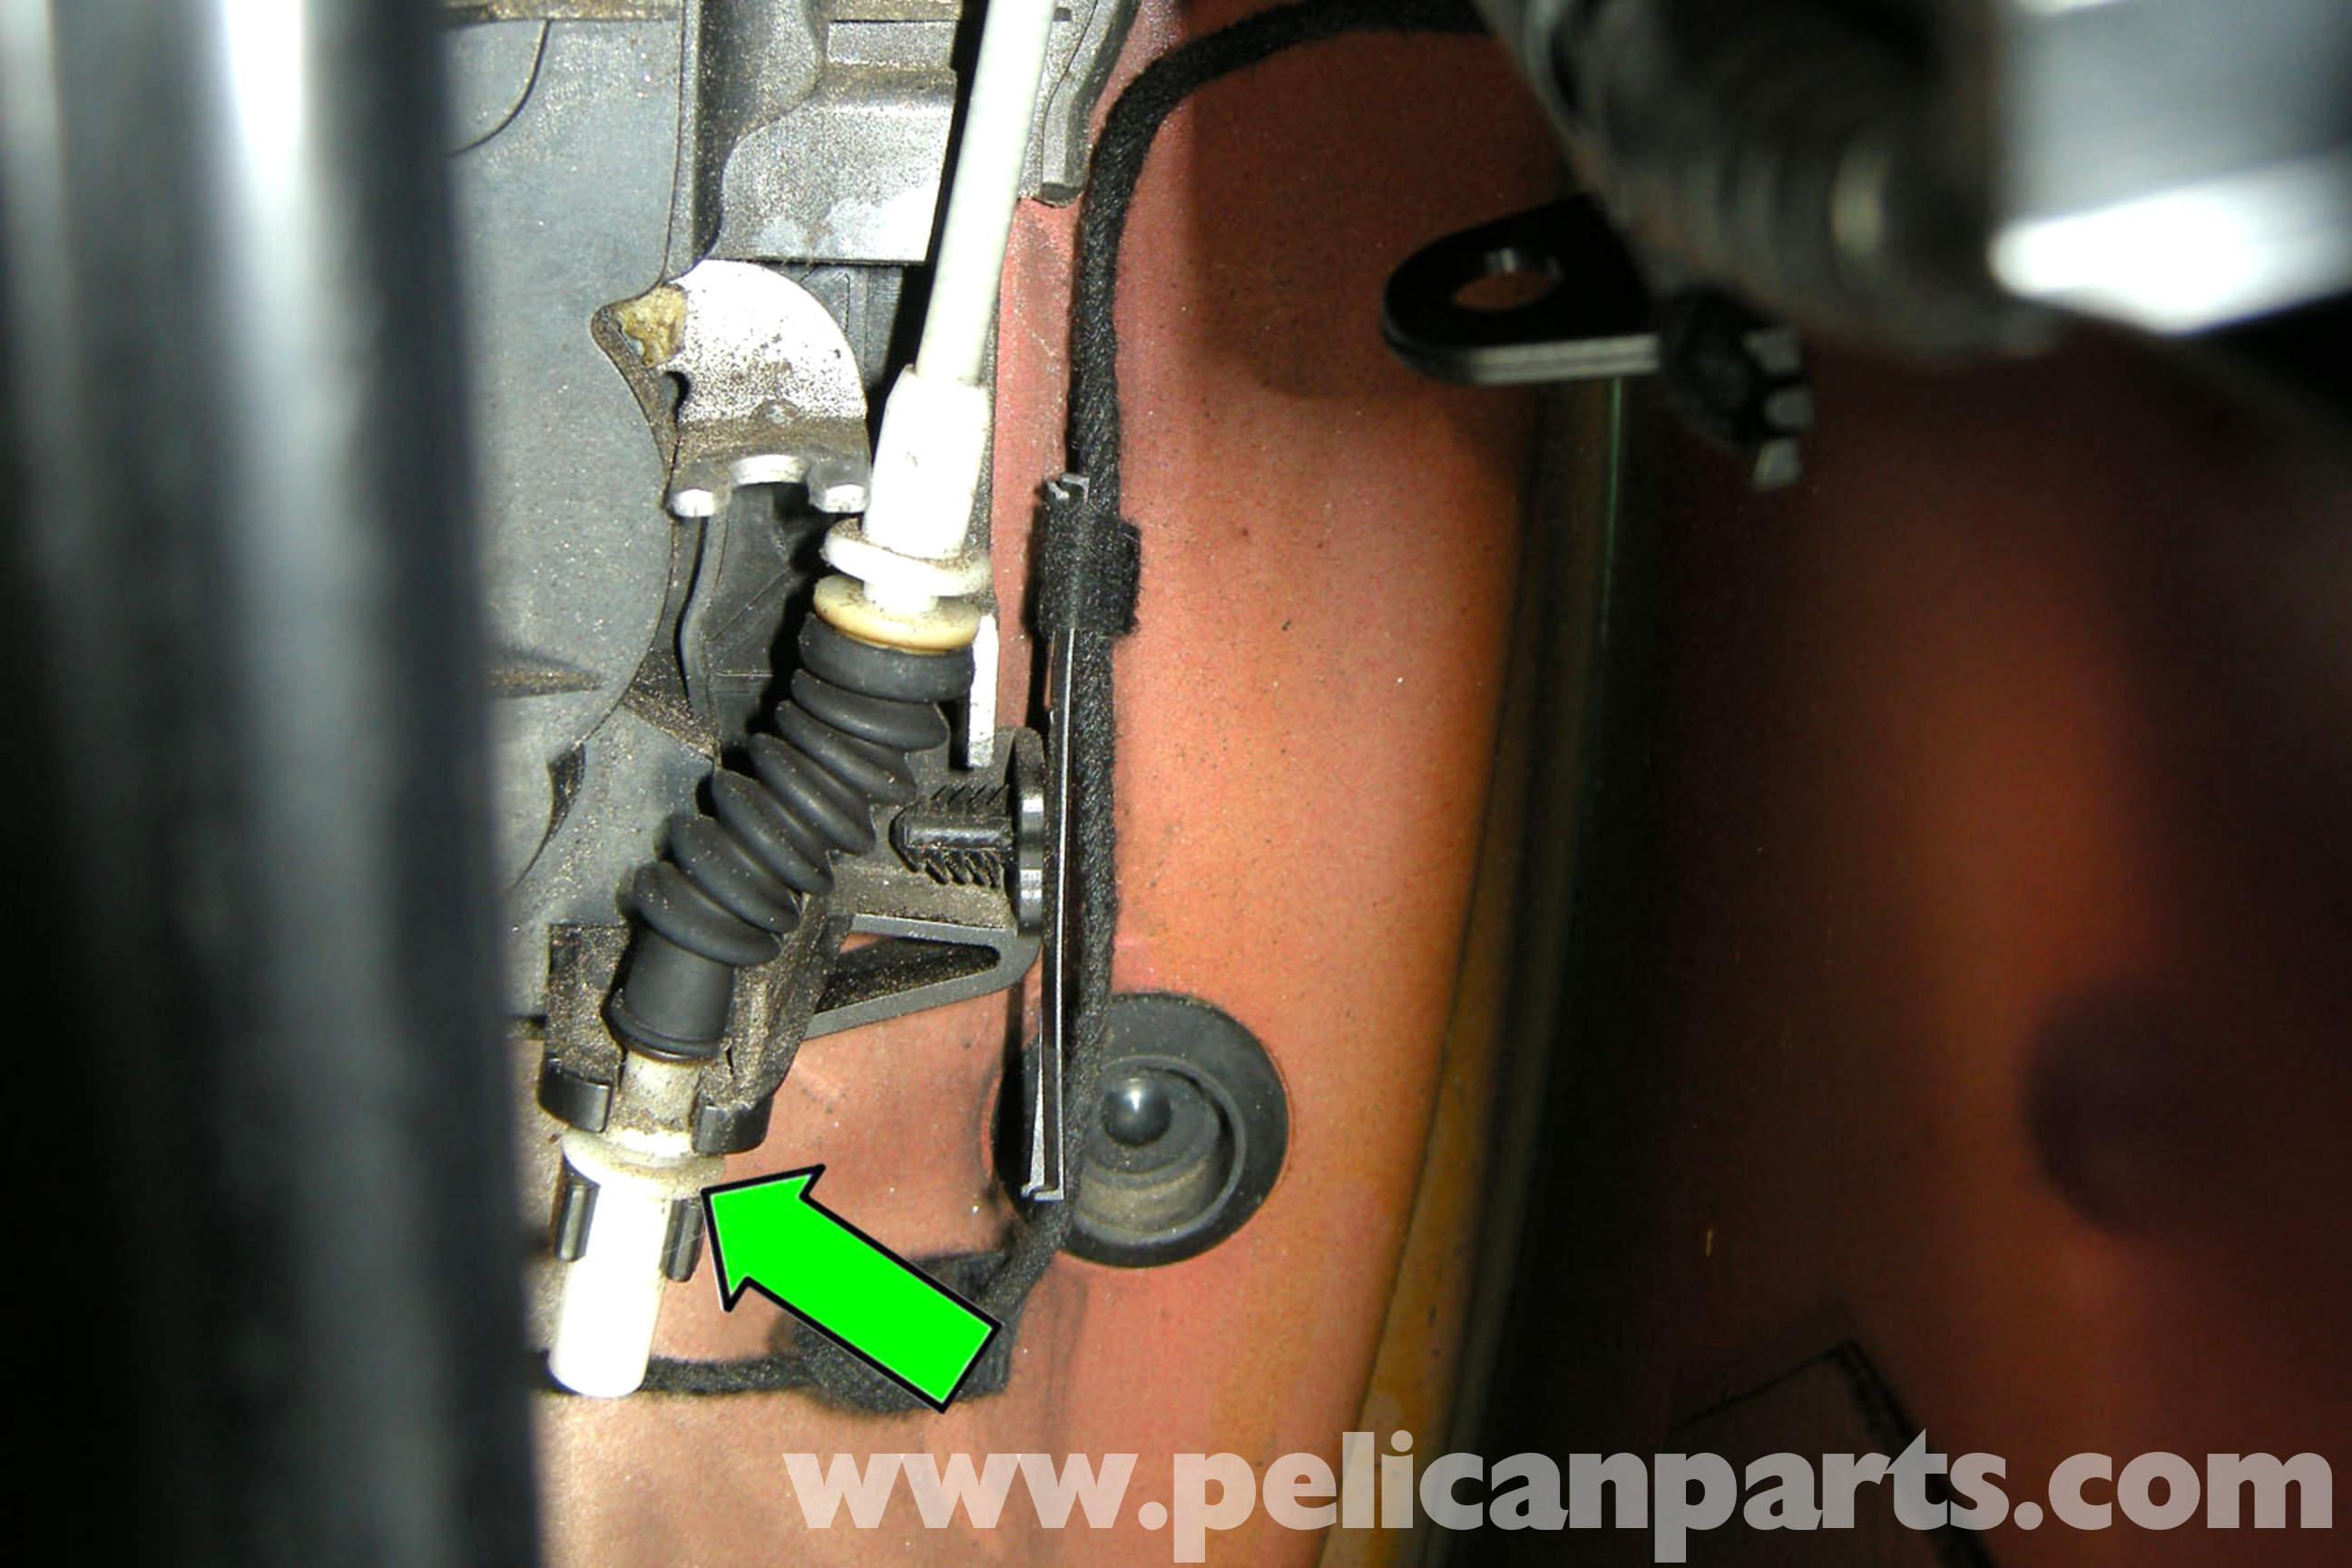 BMW E90 Door Latch Replacement | E91, E92, E93 | Pelican Parts DIY